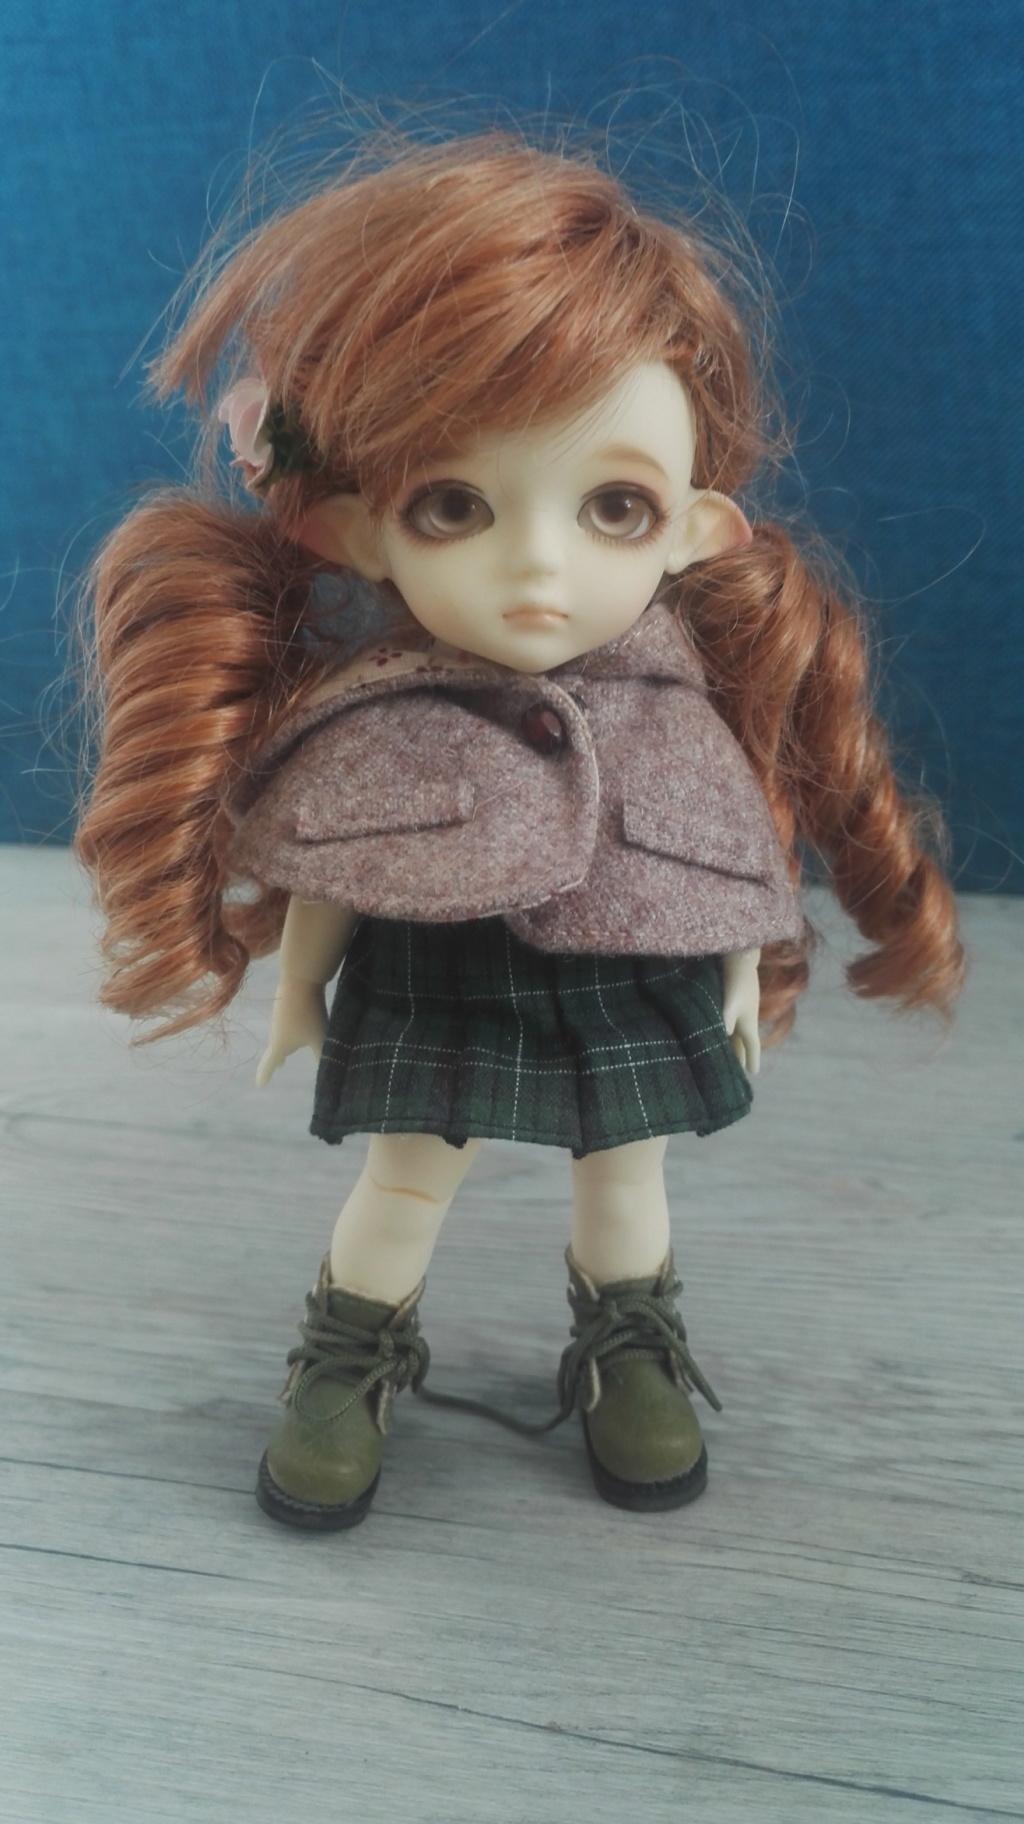 [vente] Noble dolls Reglisse-Mr Quenotte - Lati &+++ Img_2028